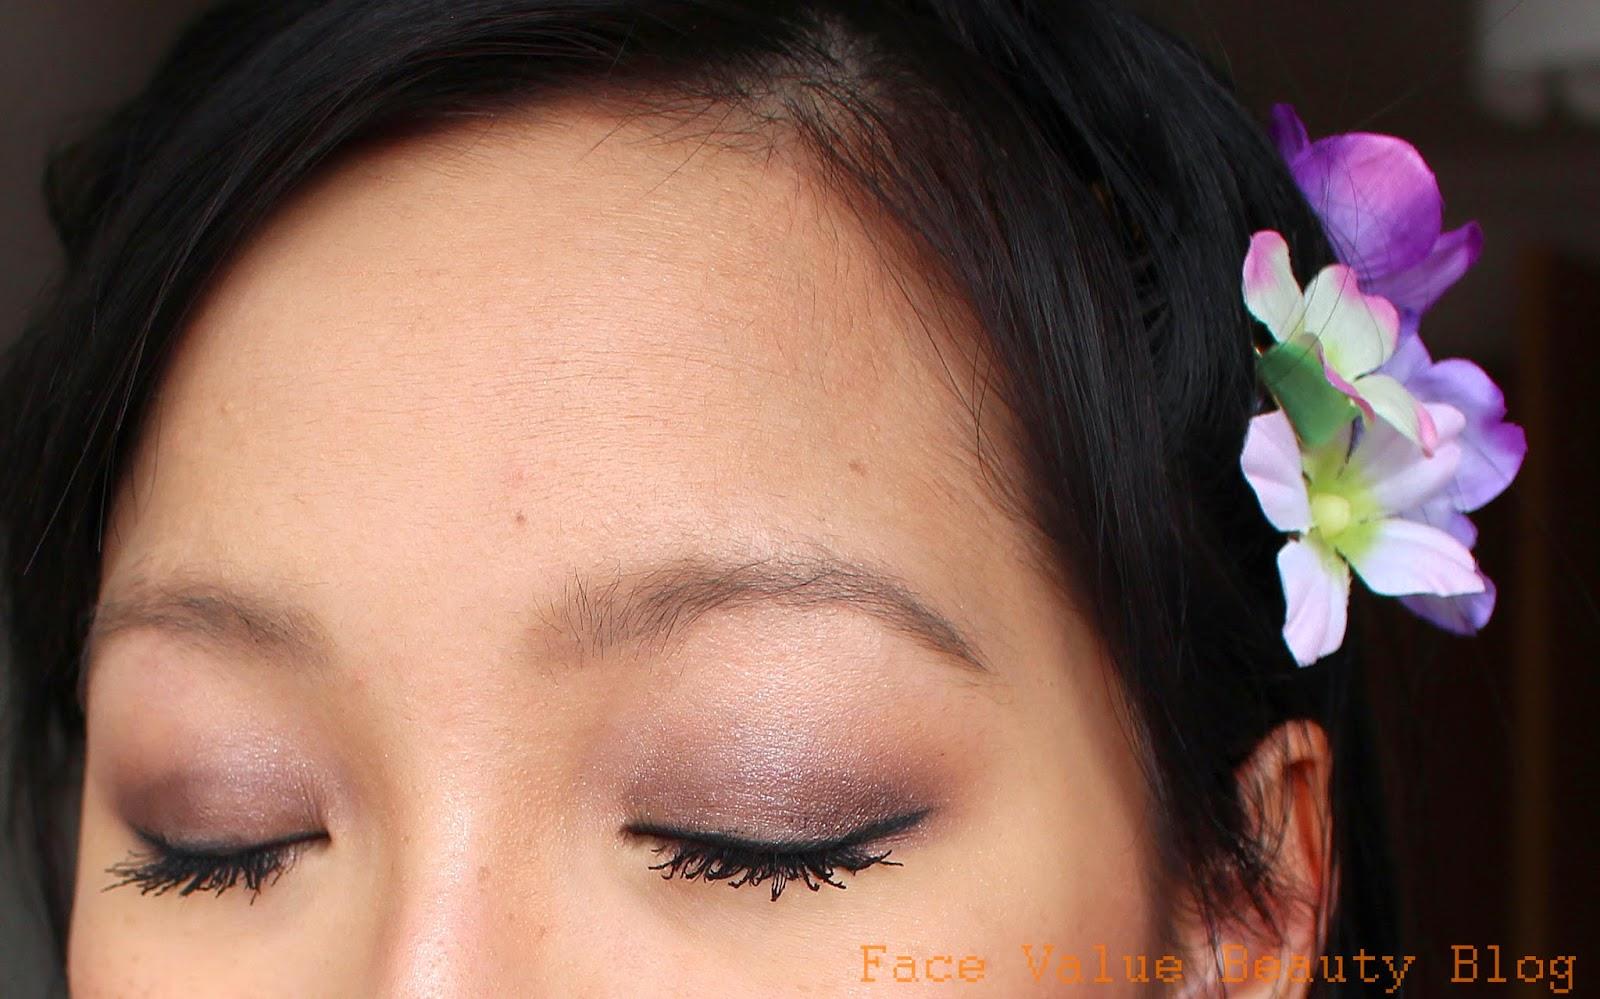 porter magazine beauty blog makeup tutorial wedding eyeshadow